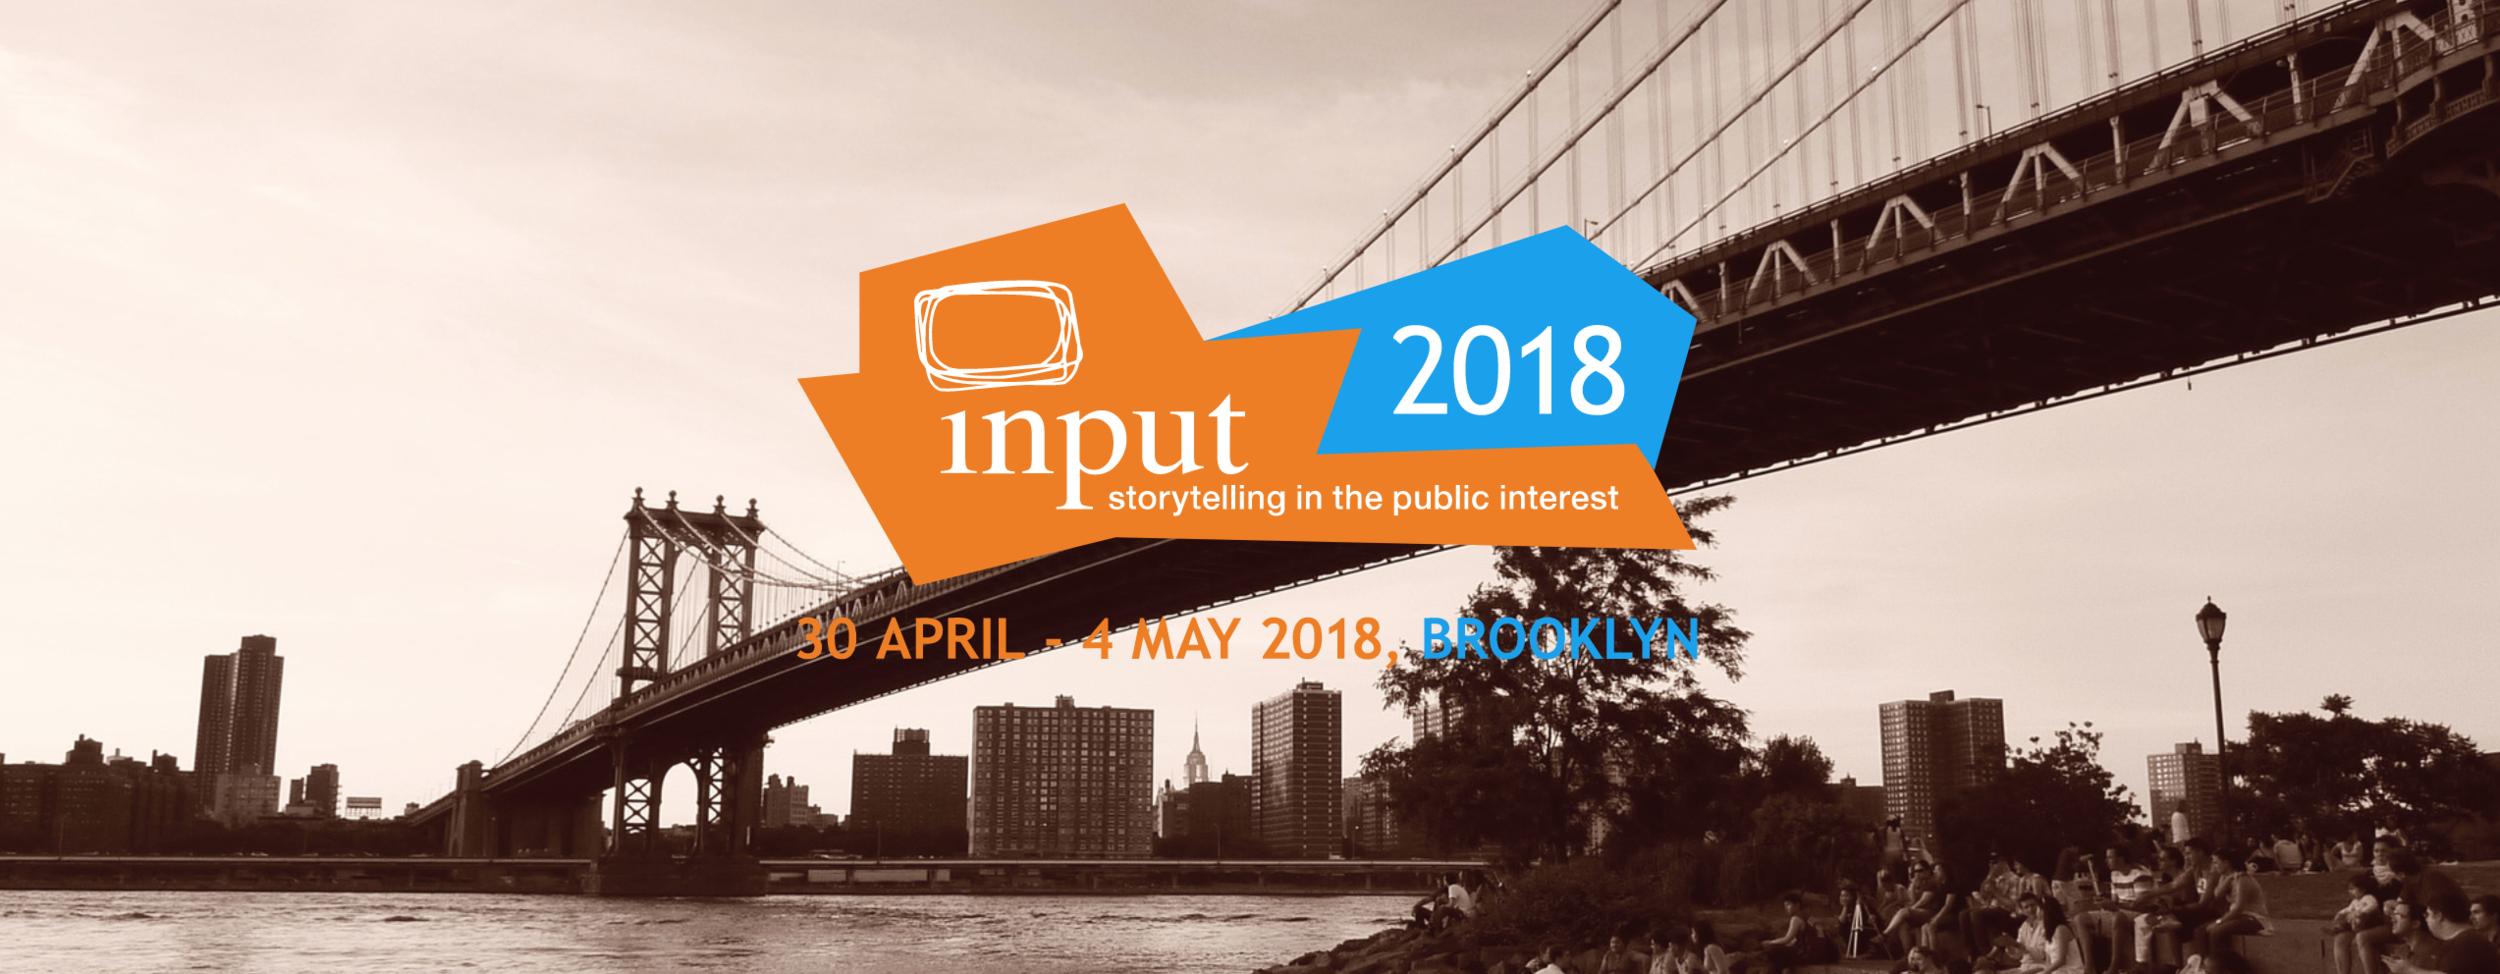 Input 2018.png